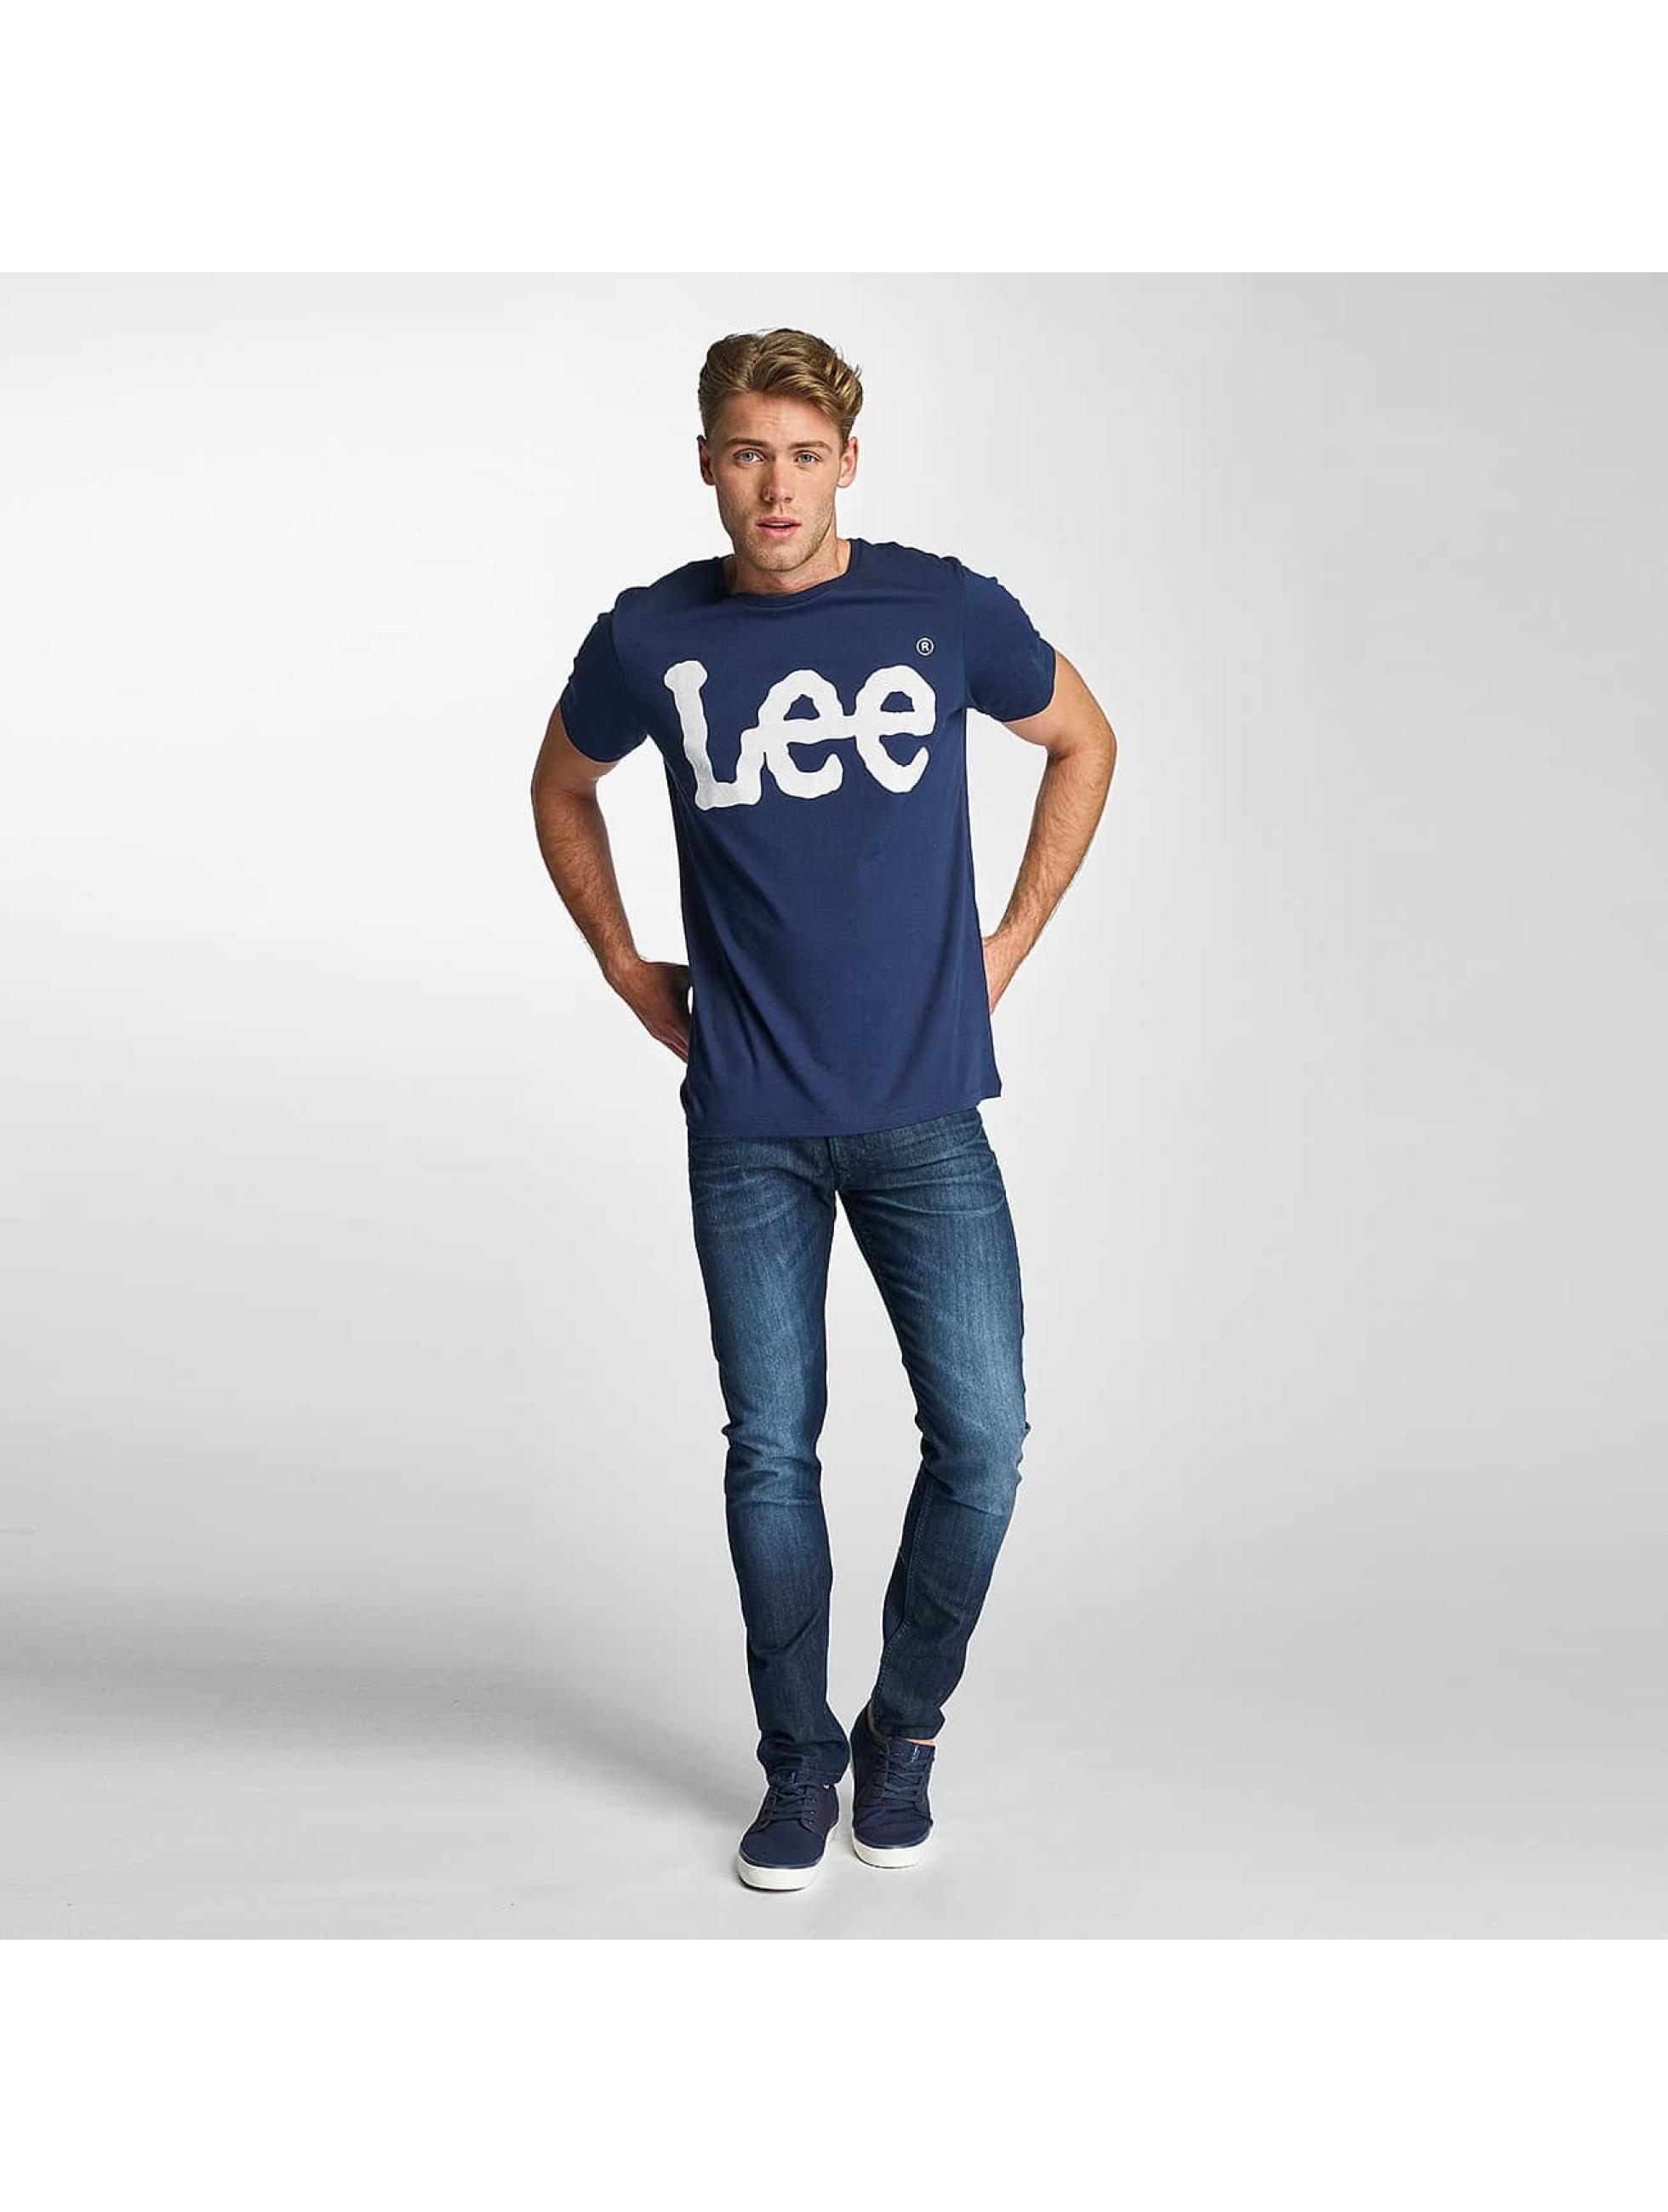 Lee T-shirt Logo blå